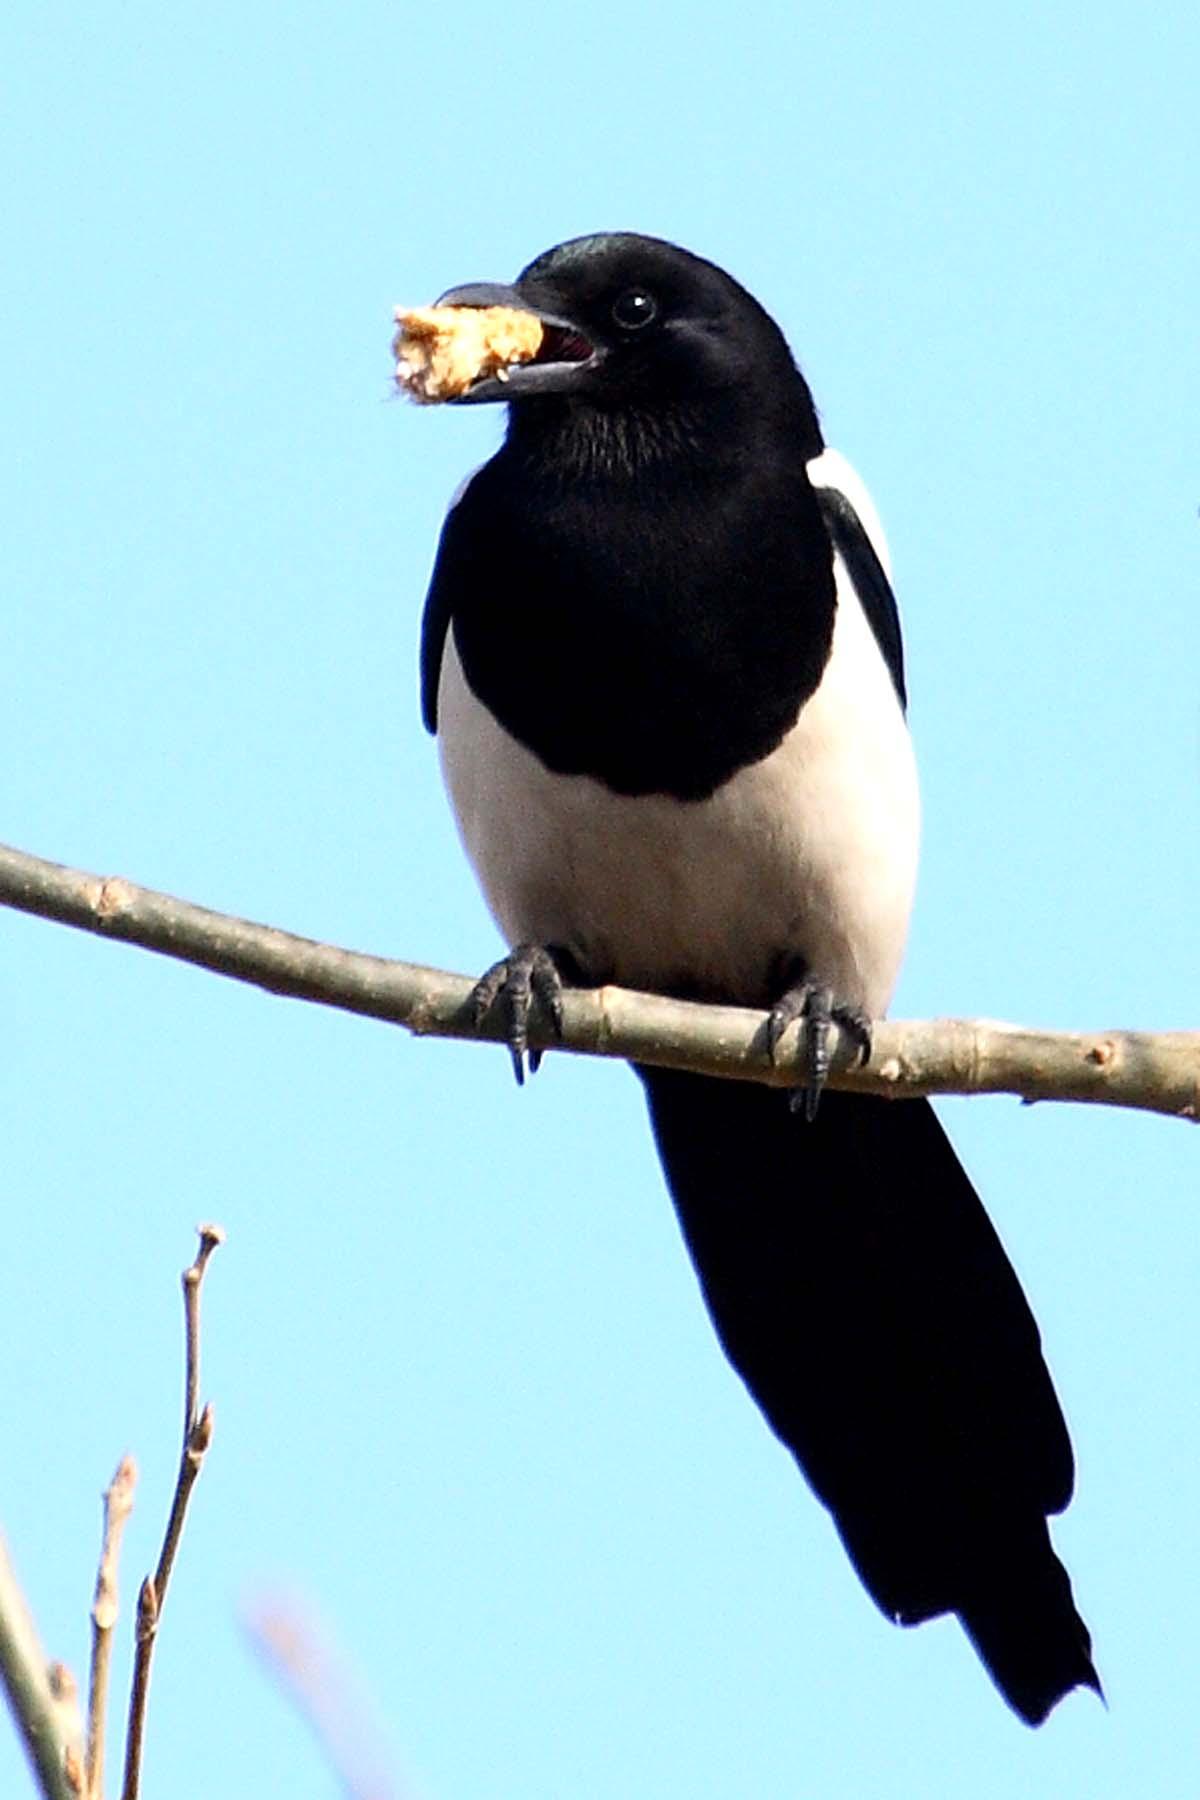 黑喜雀 - 林鸟版 forest